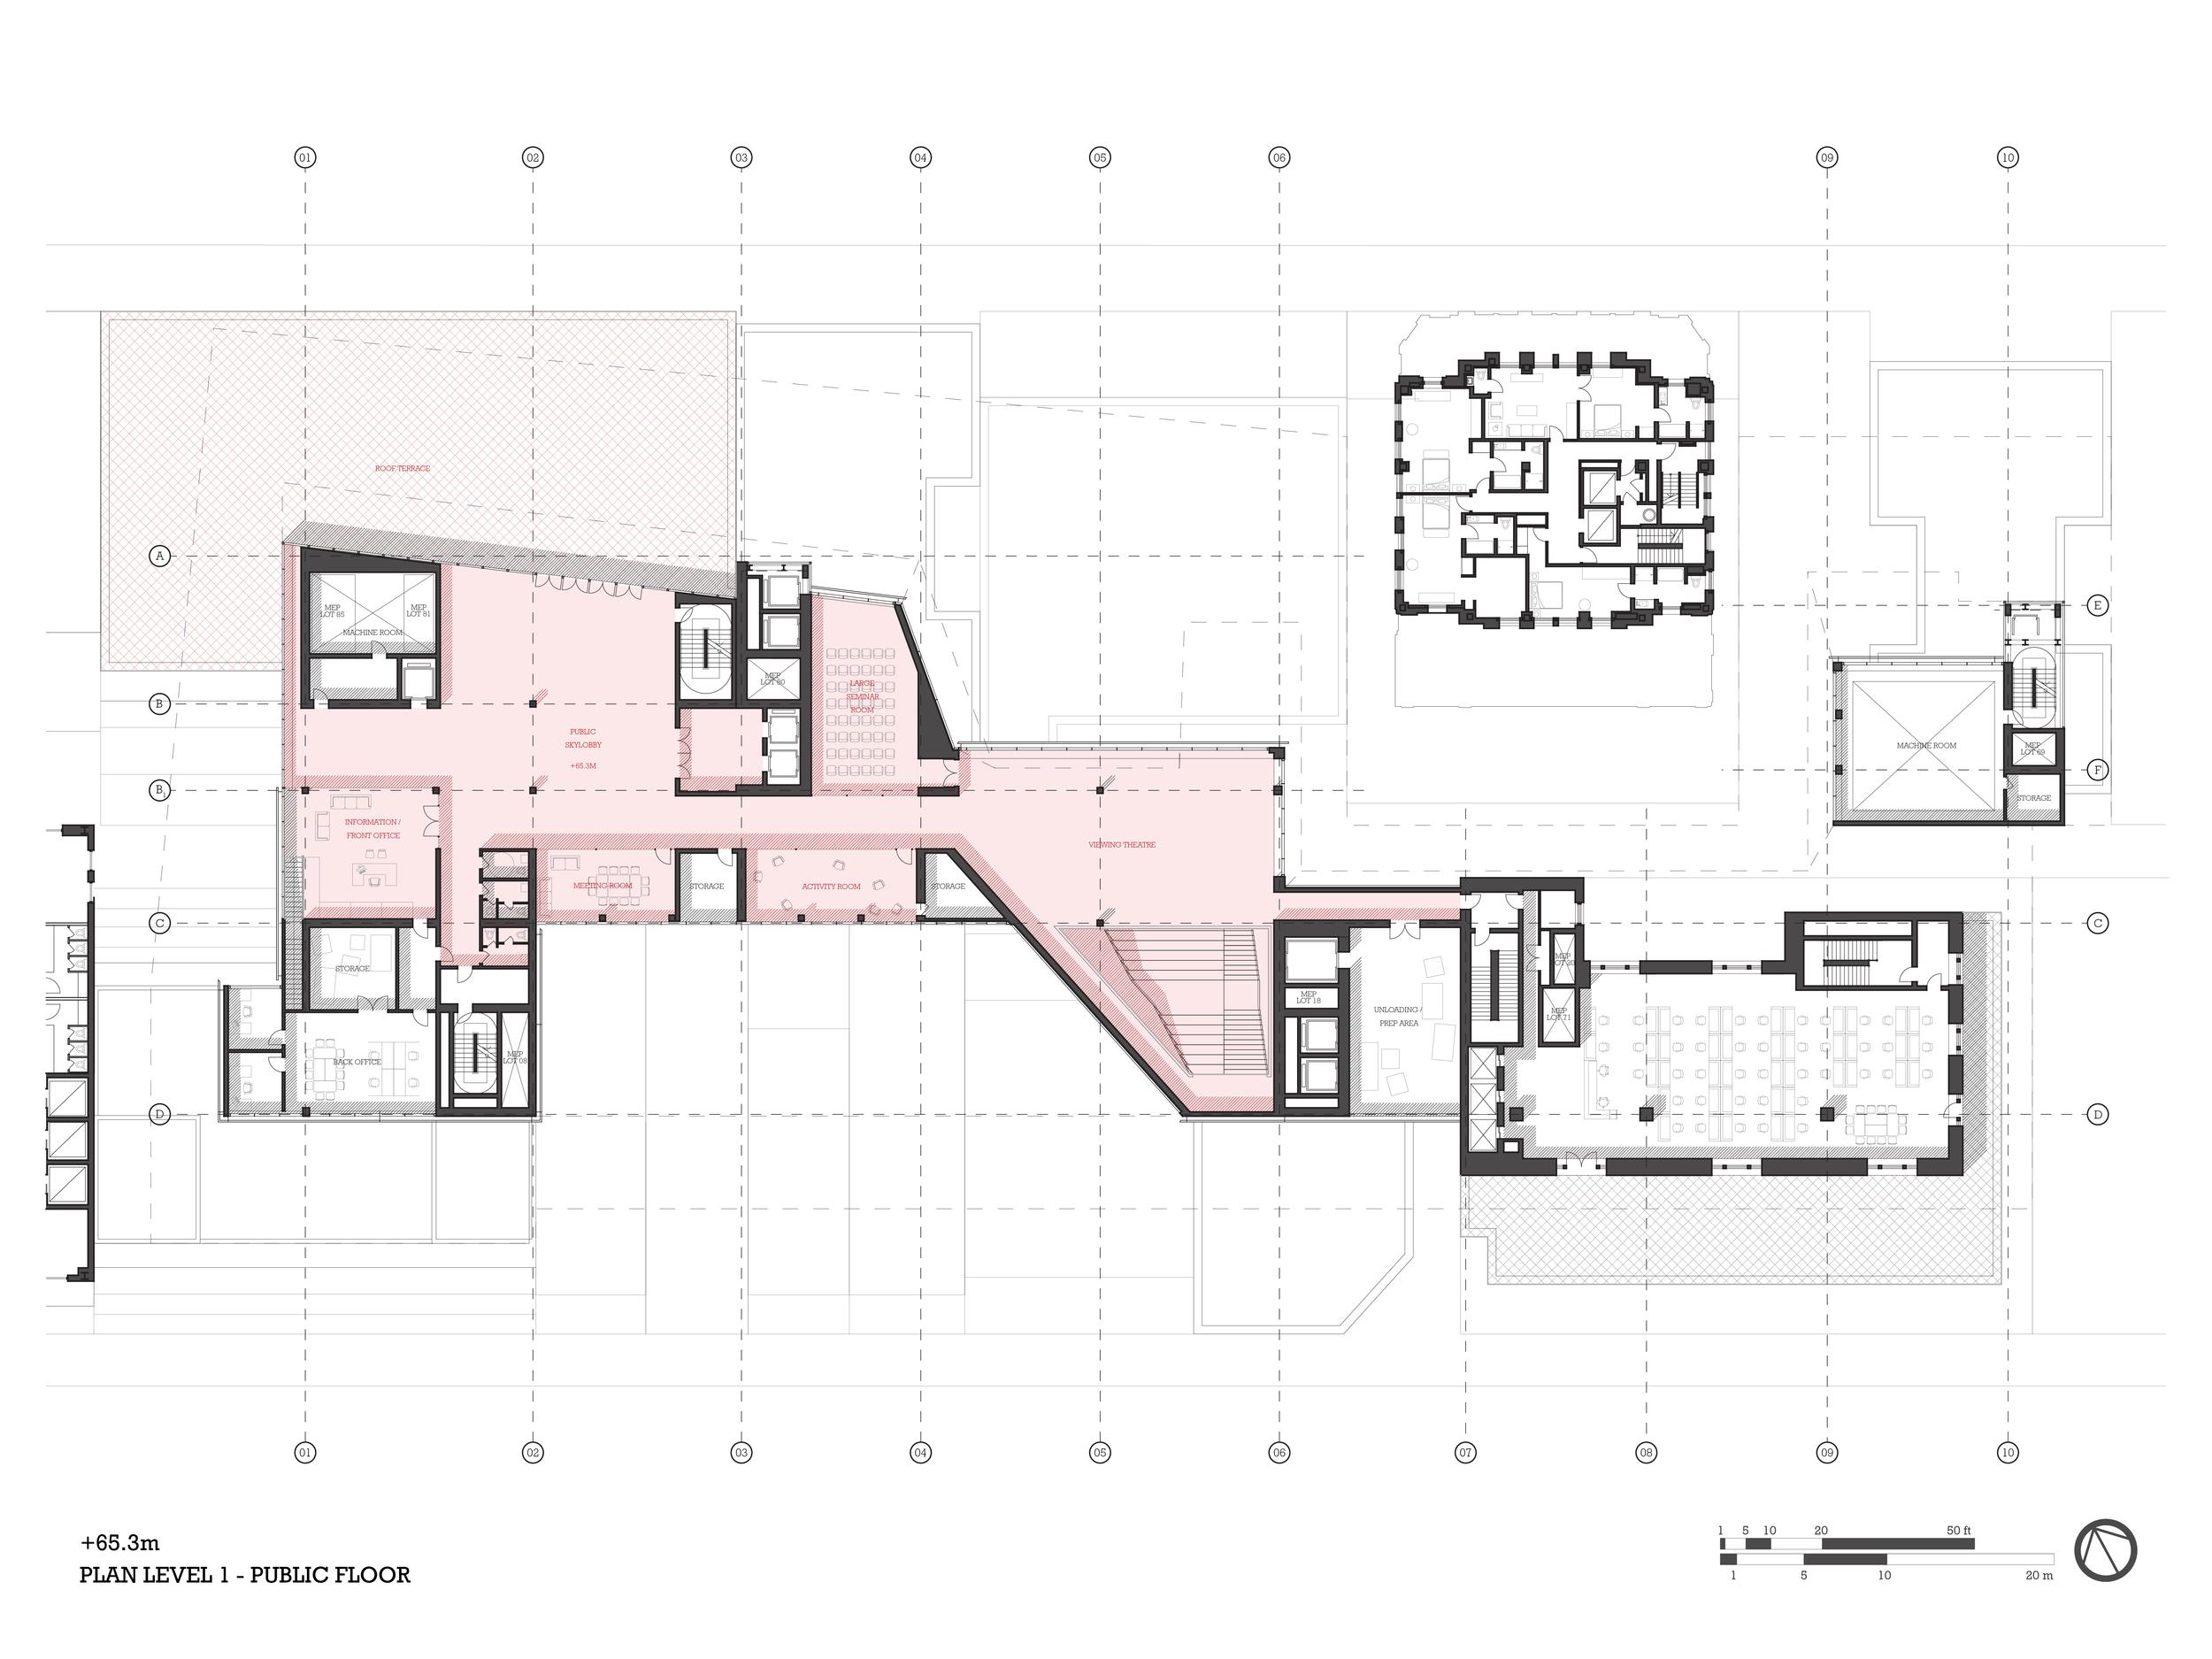 02.5 Plan - 03 Public Floor [White].jpg